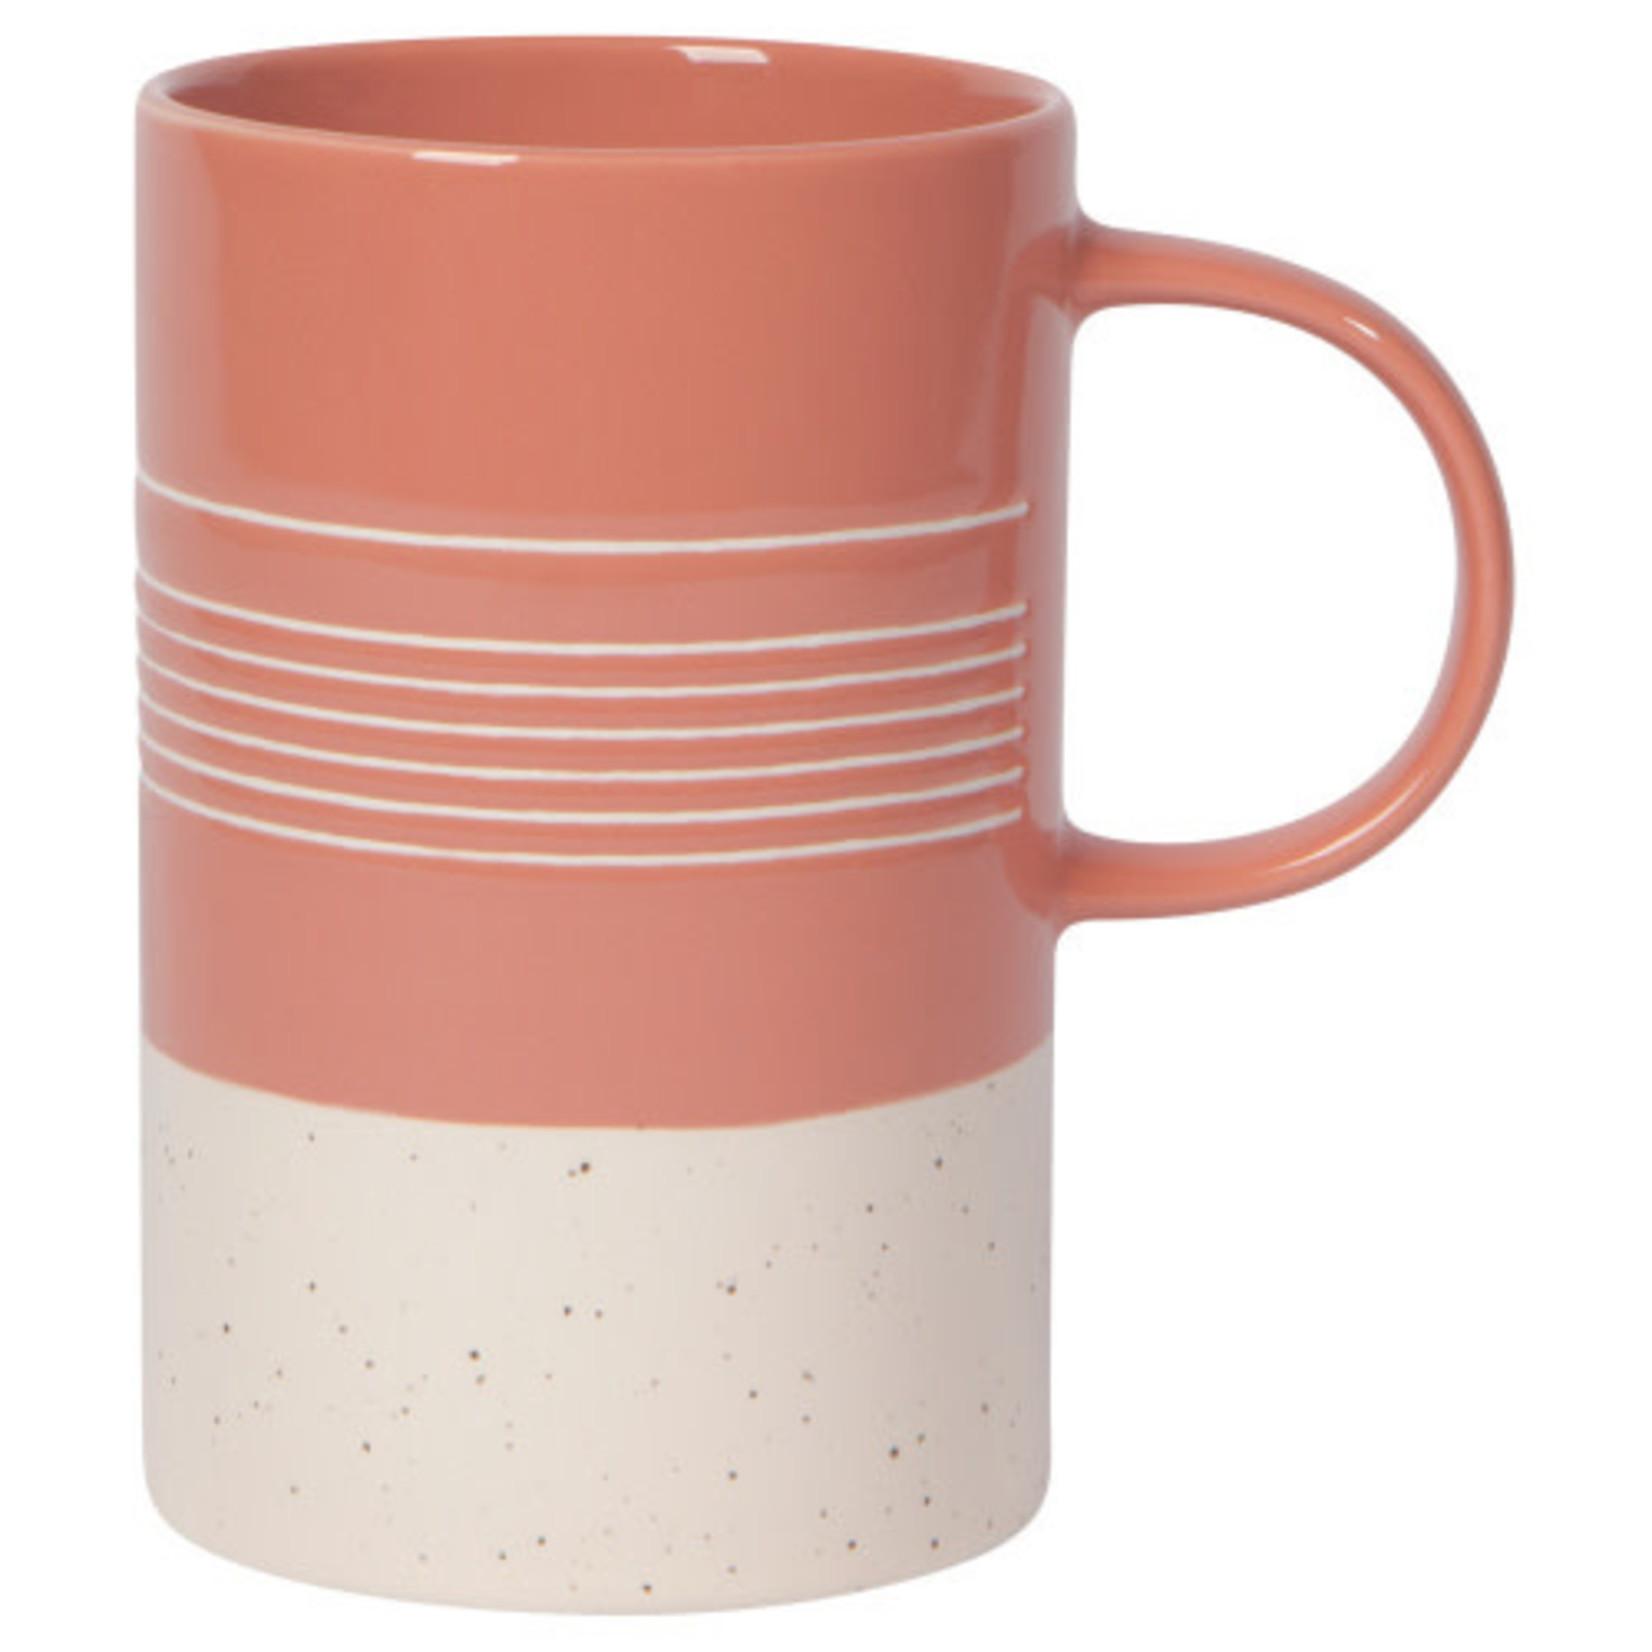 Clay Etched Mug